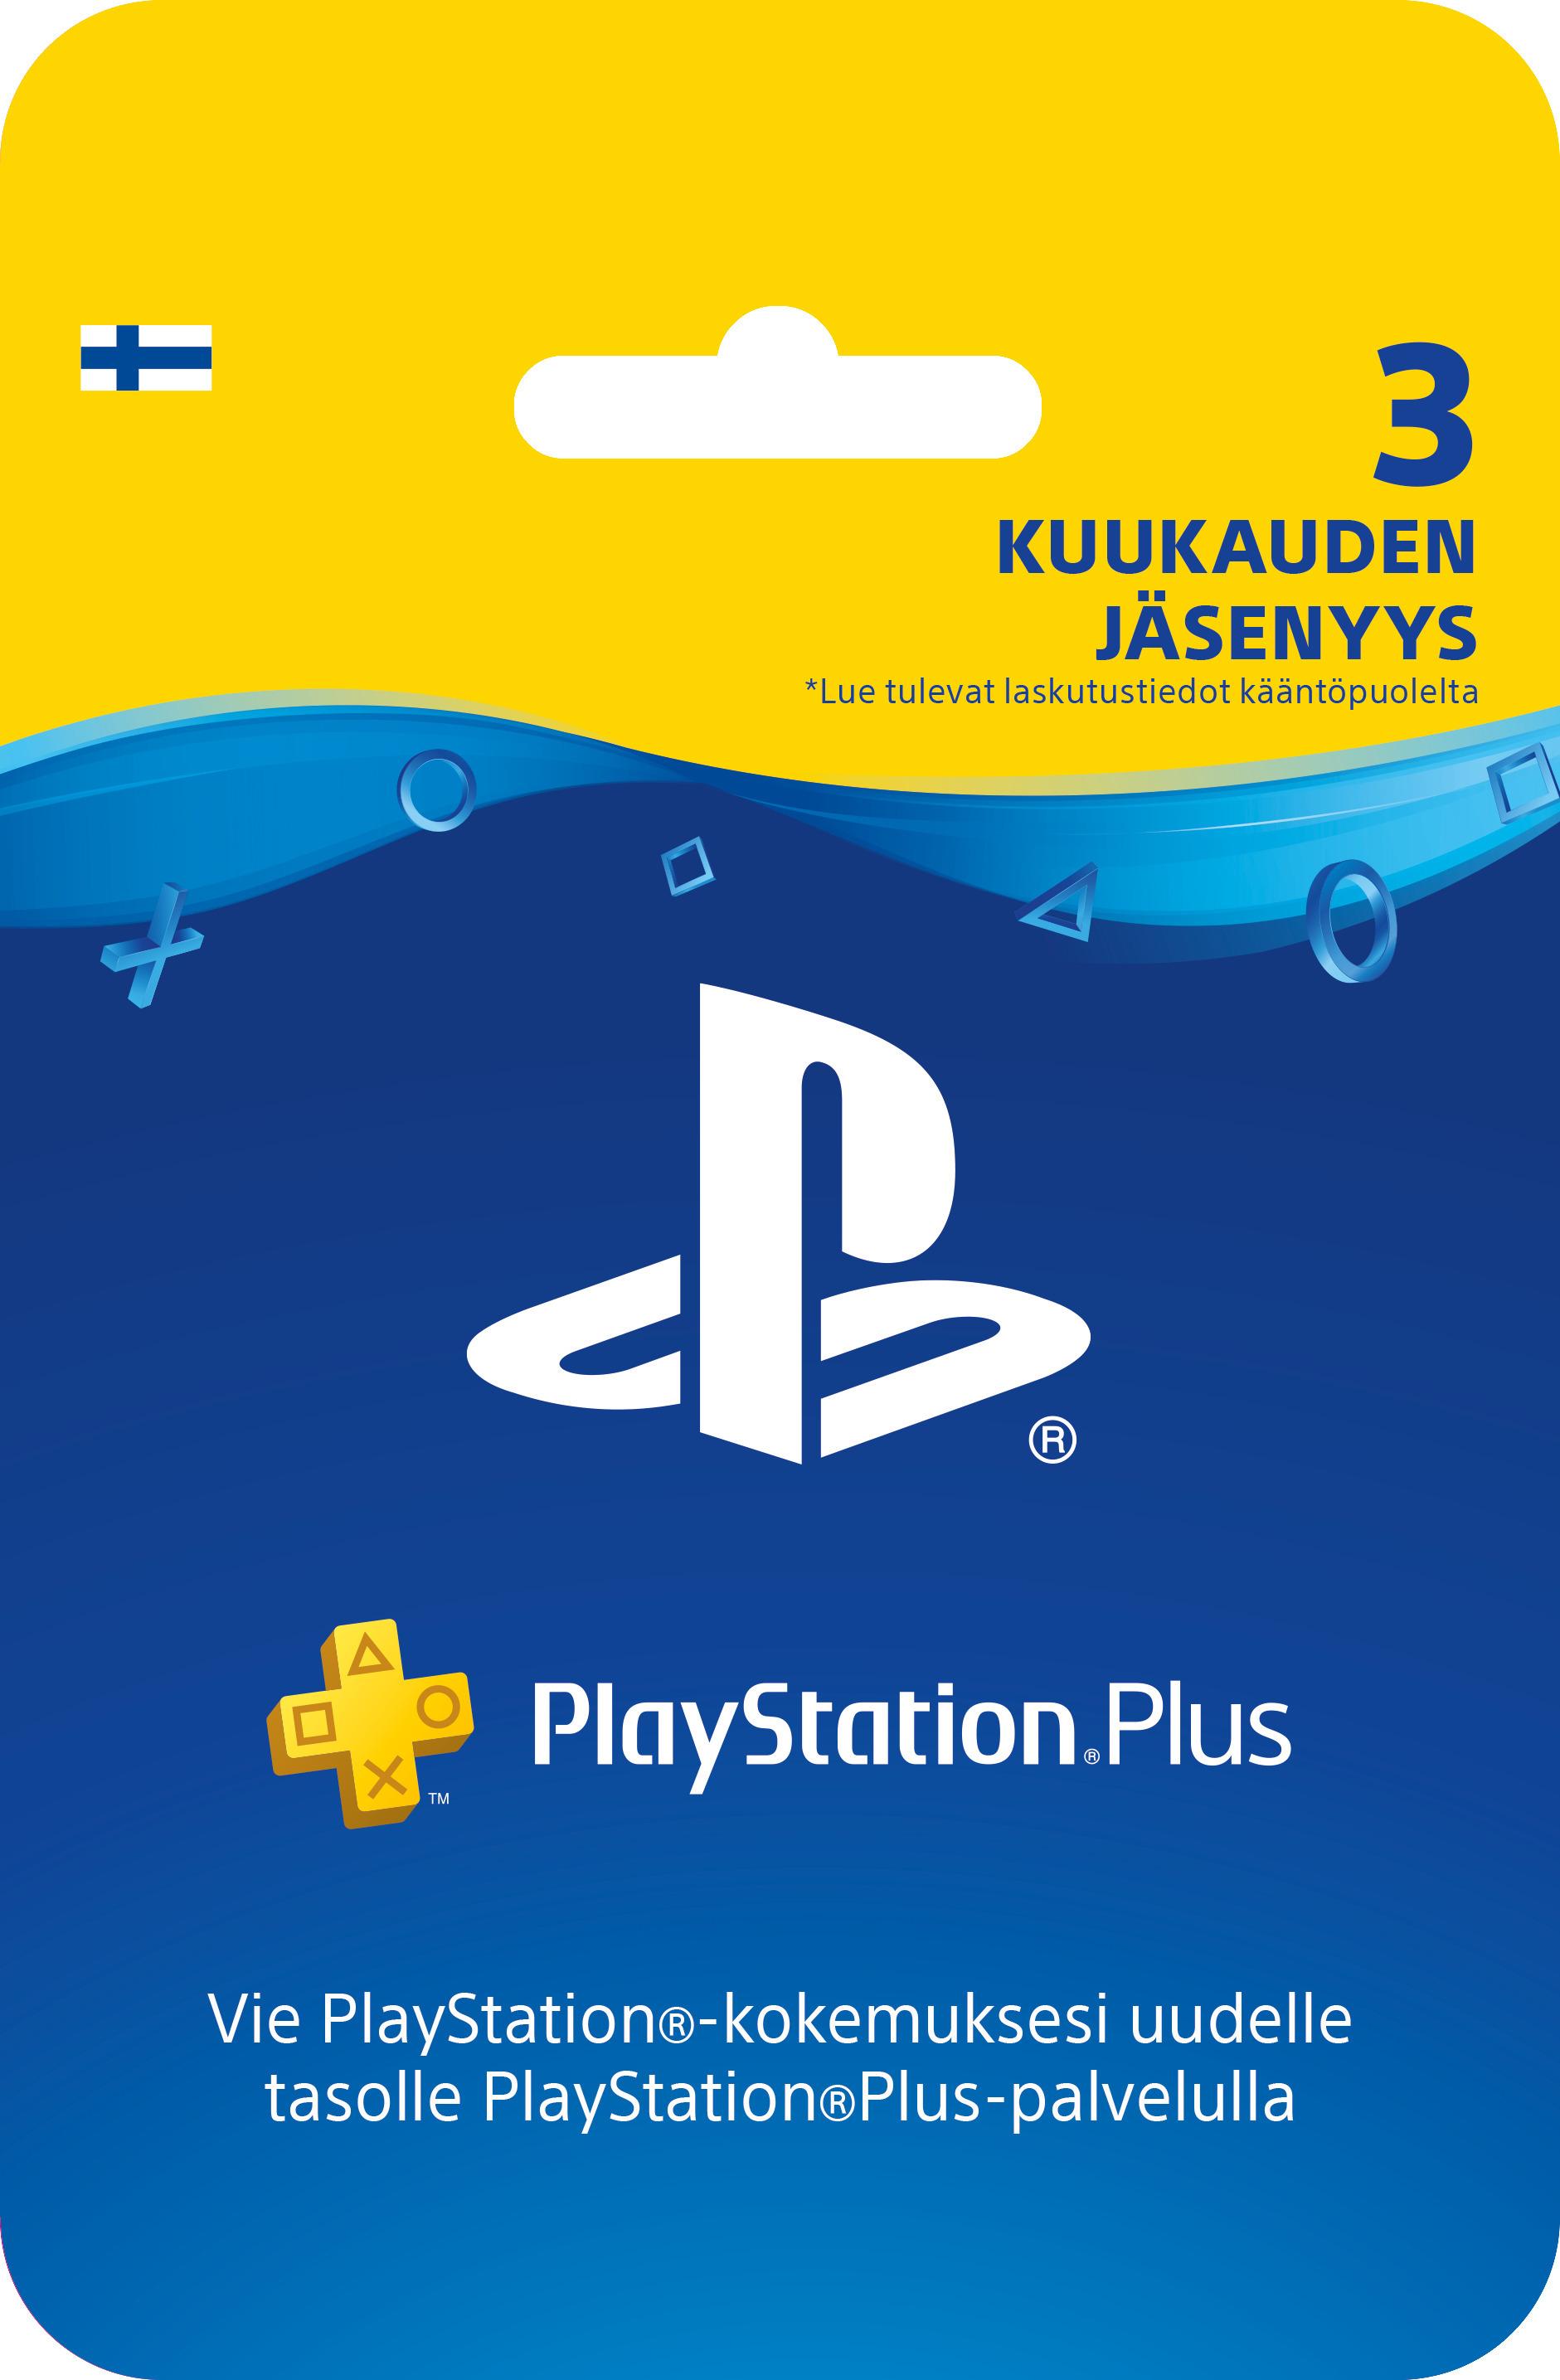 Playstation 4 plus jäsenyys hinta